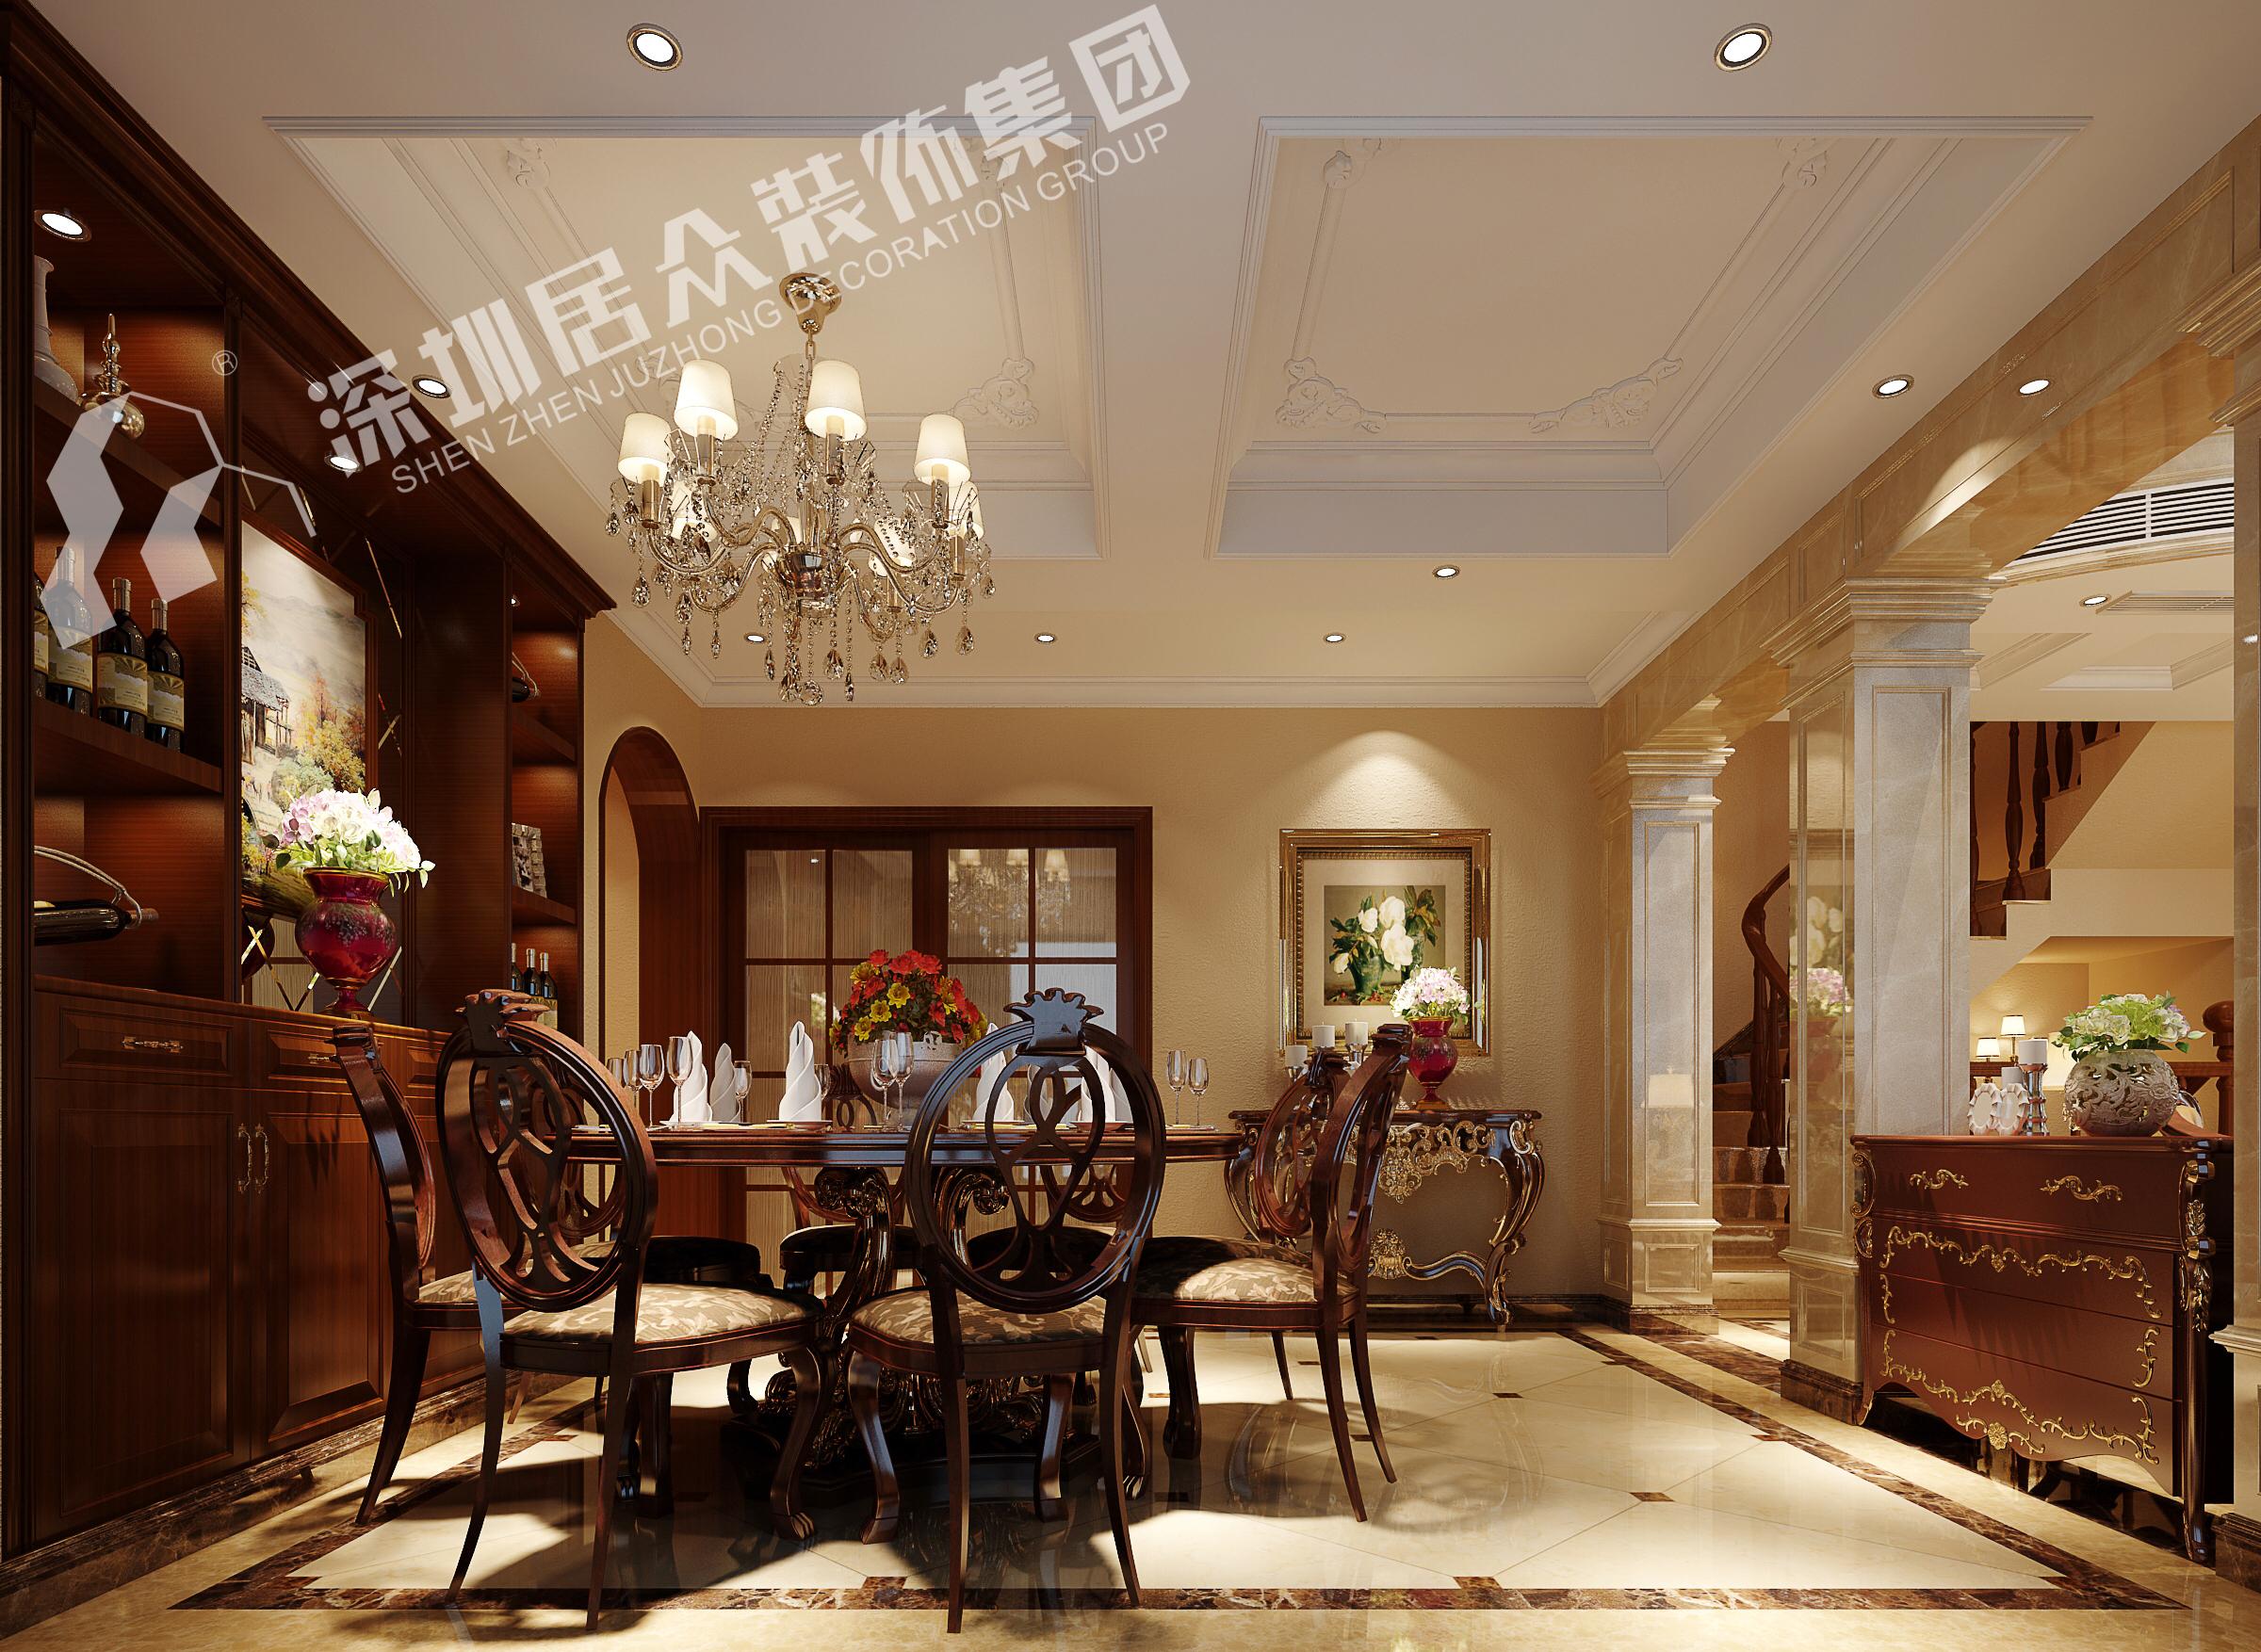 欧式 别墅 小资 餐厅图片来自半城烟沙5949758236在复地花屿城——欧式风格的分享